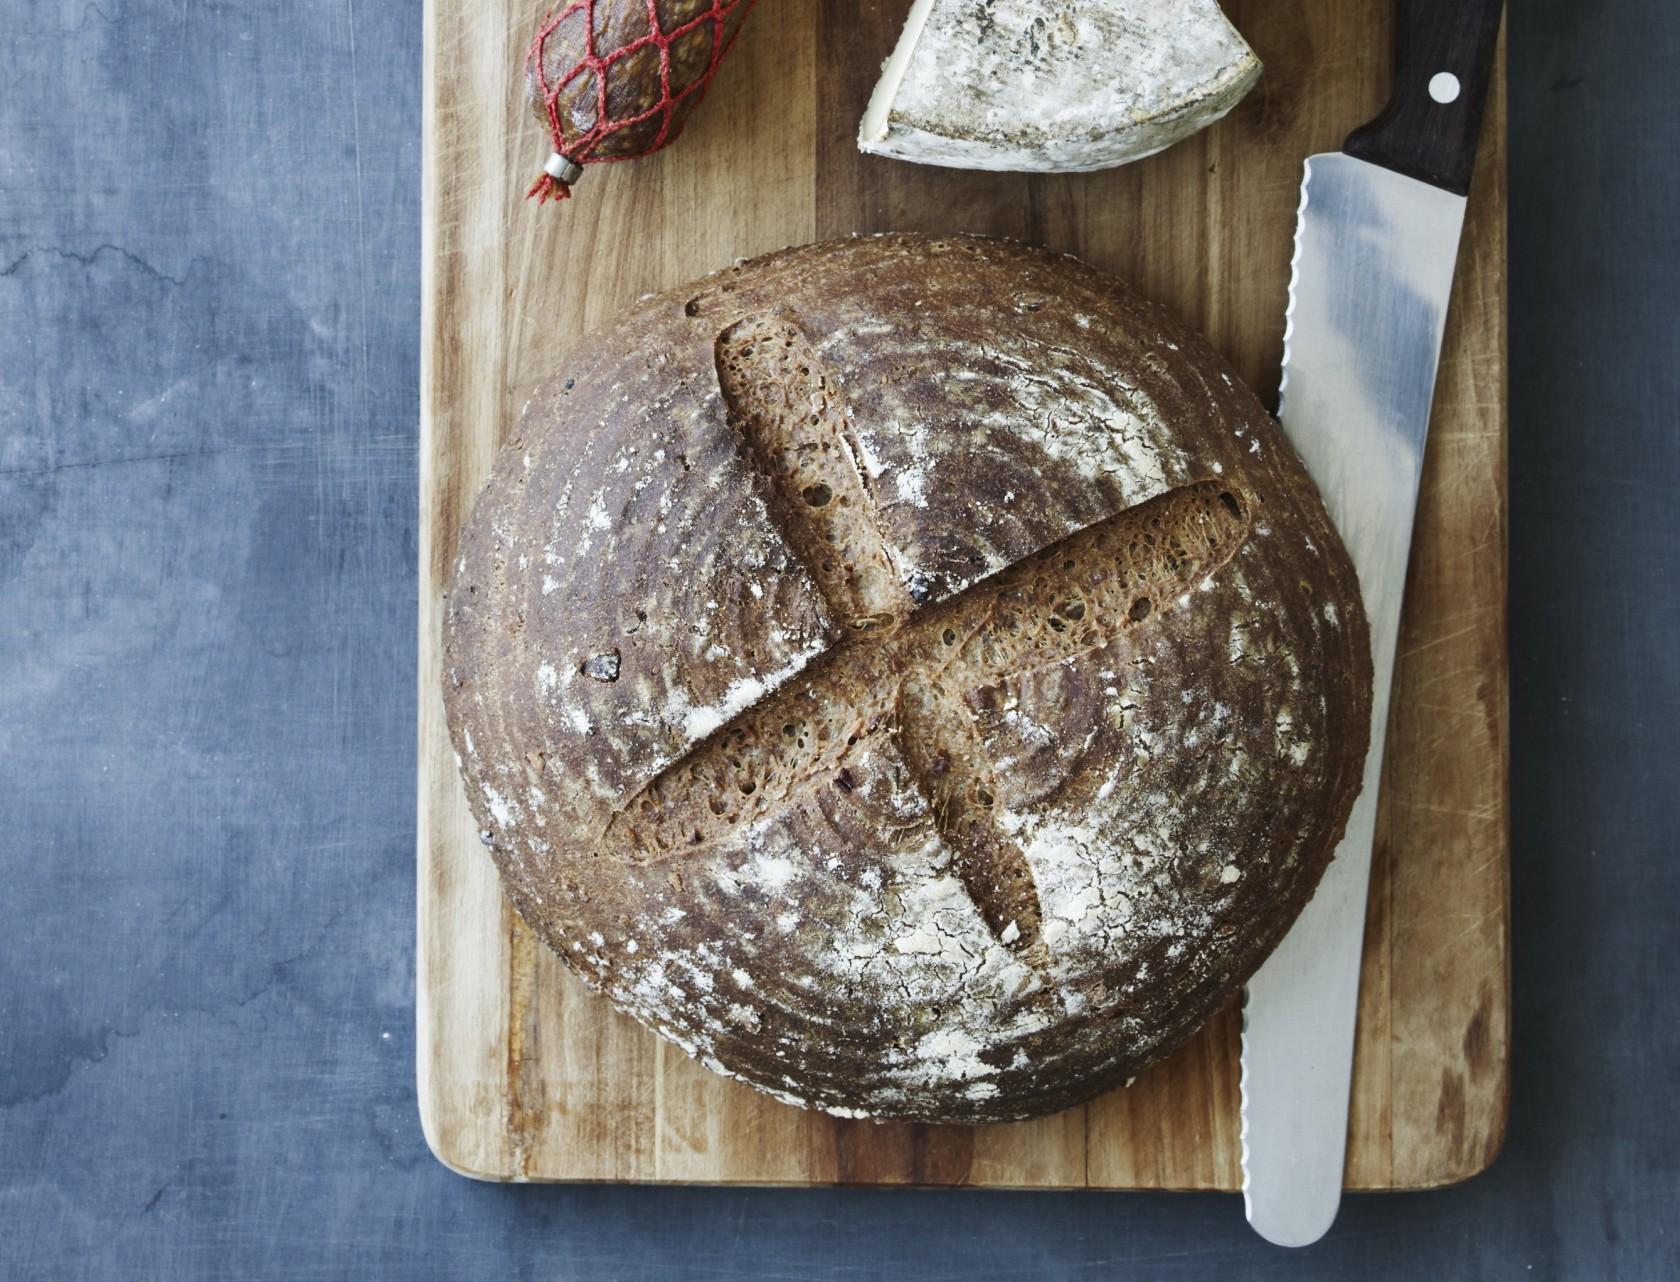 Mørkt brød med øl - den lækreste opskrift på hjemmebag.